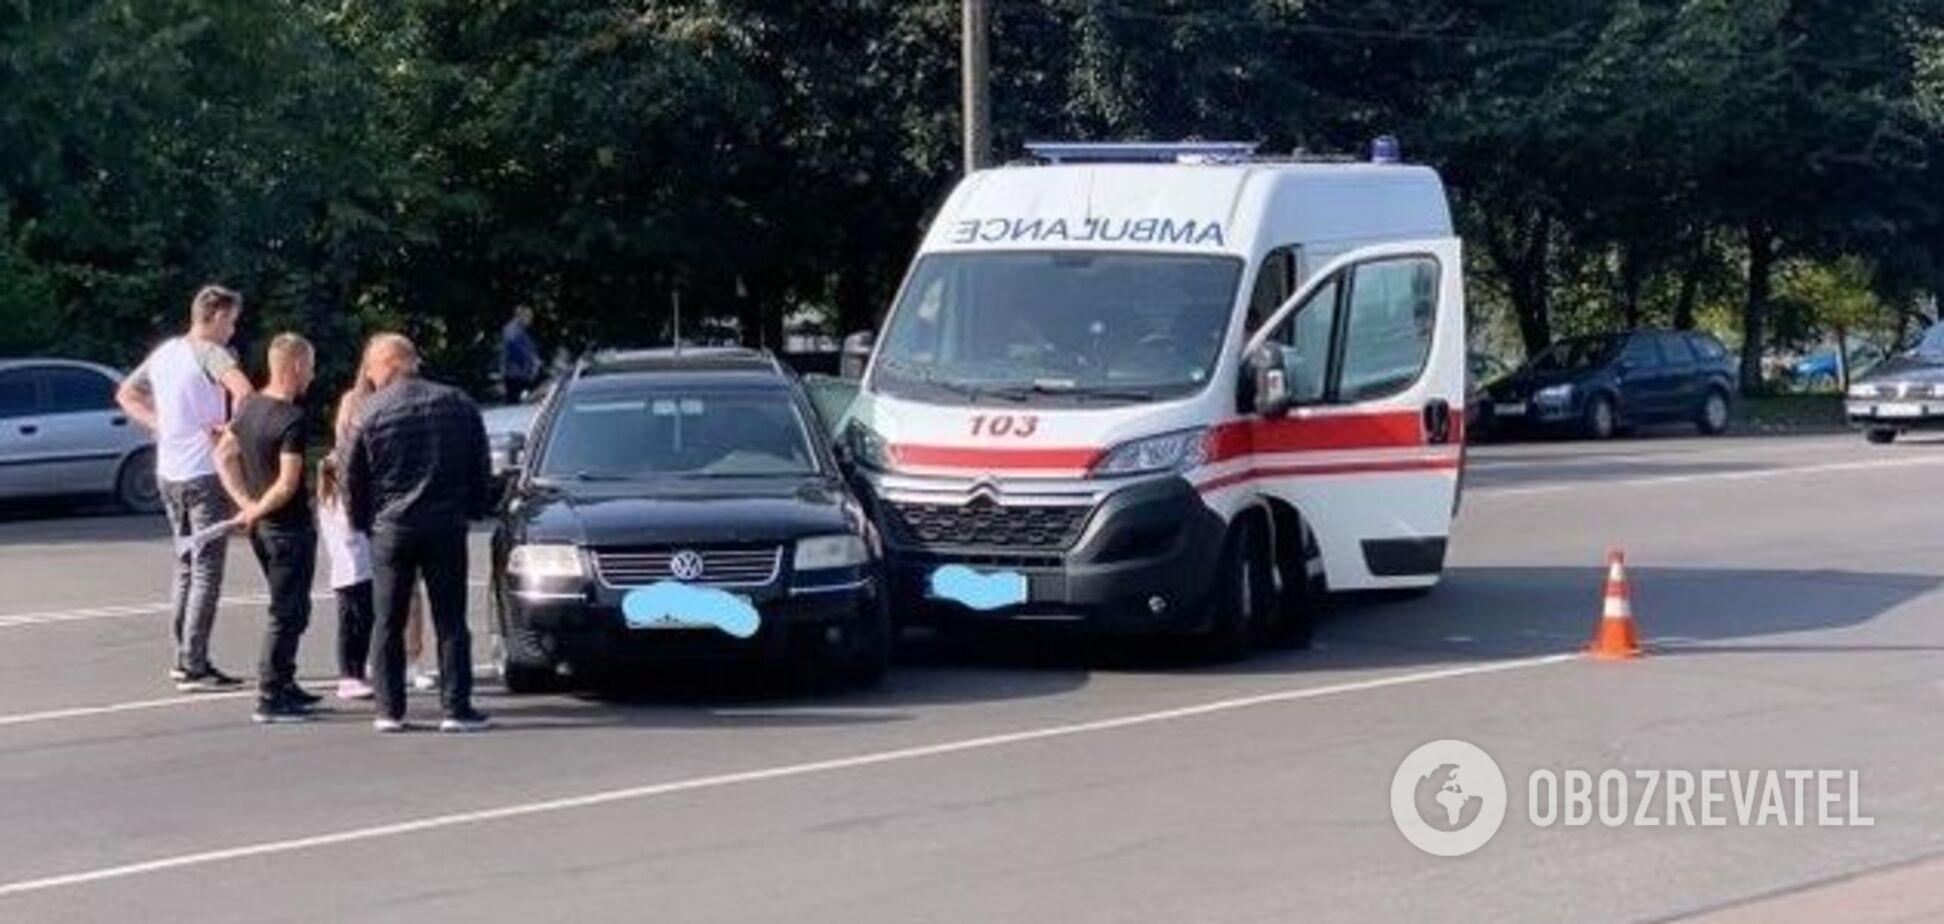 В Житомире столкнулись 'скорая' и легковушка: пациент, которого везли в больницу, погиб